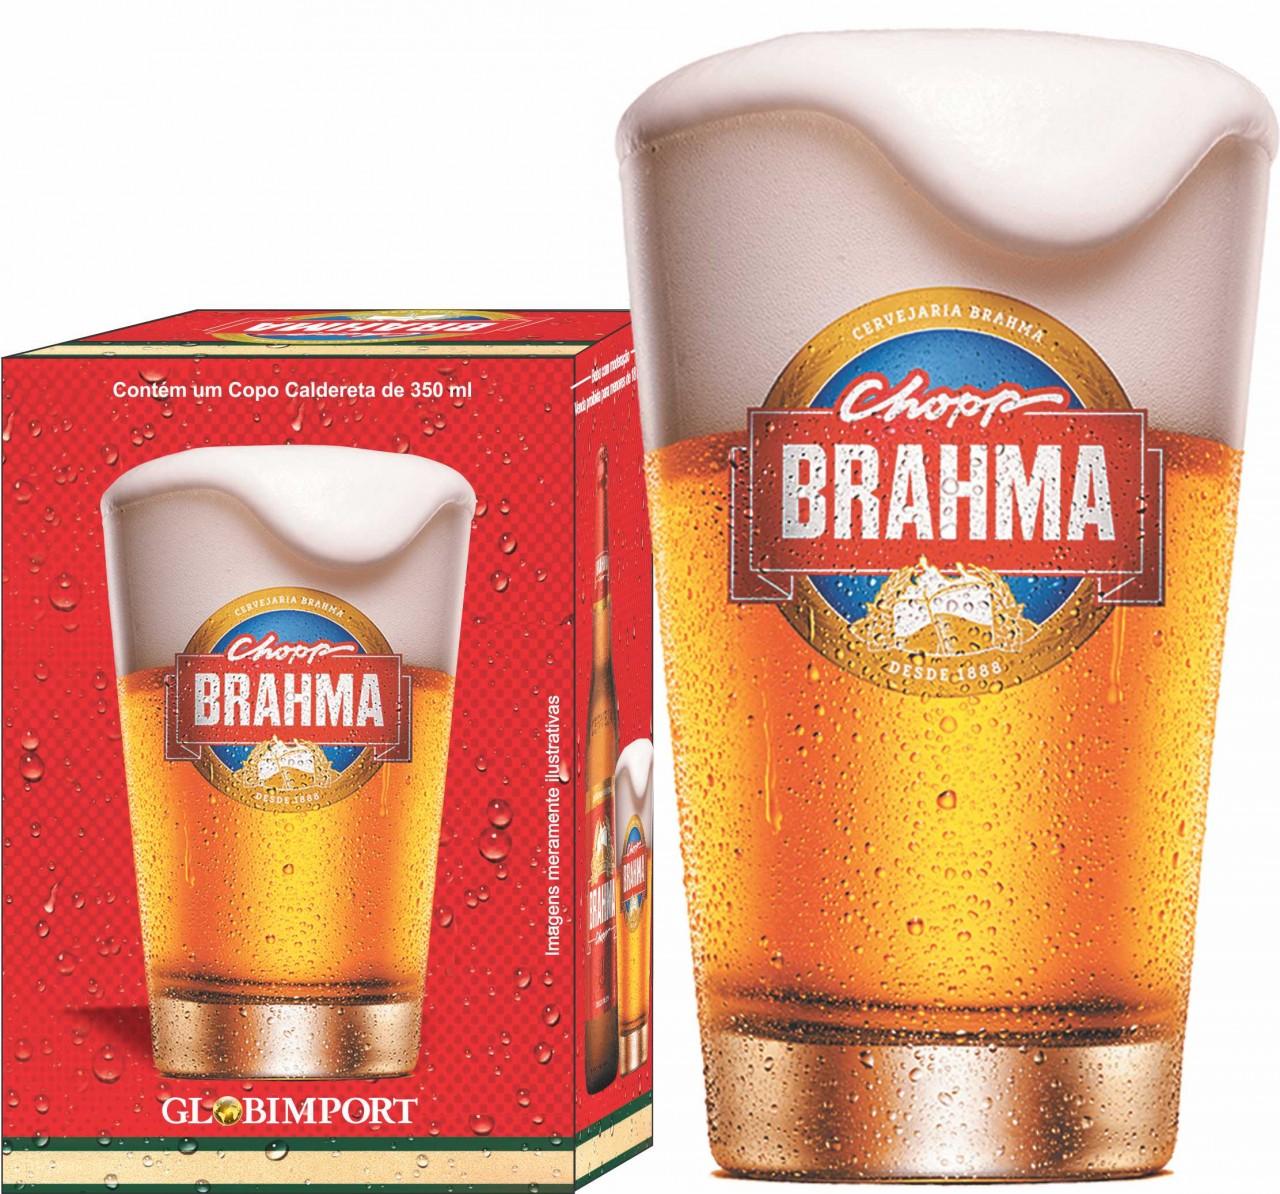 Copo Caldereta 350 ml Brahma Chopp com caixa litografada. 9477dcd083974